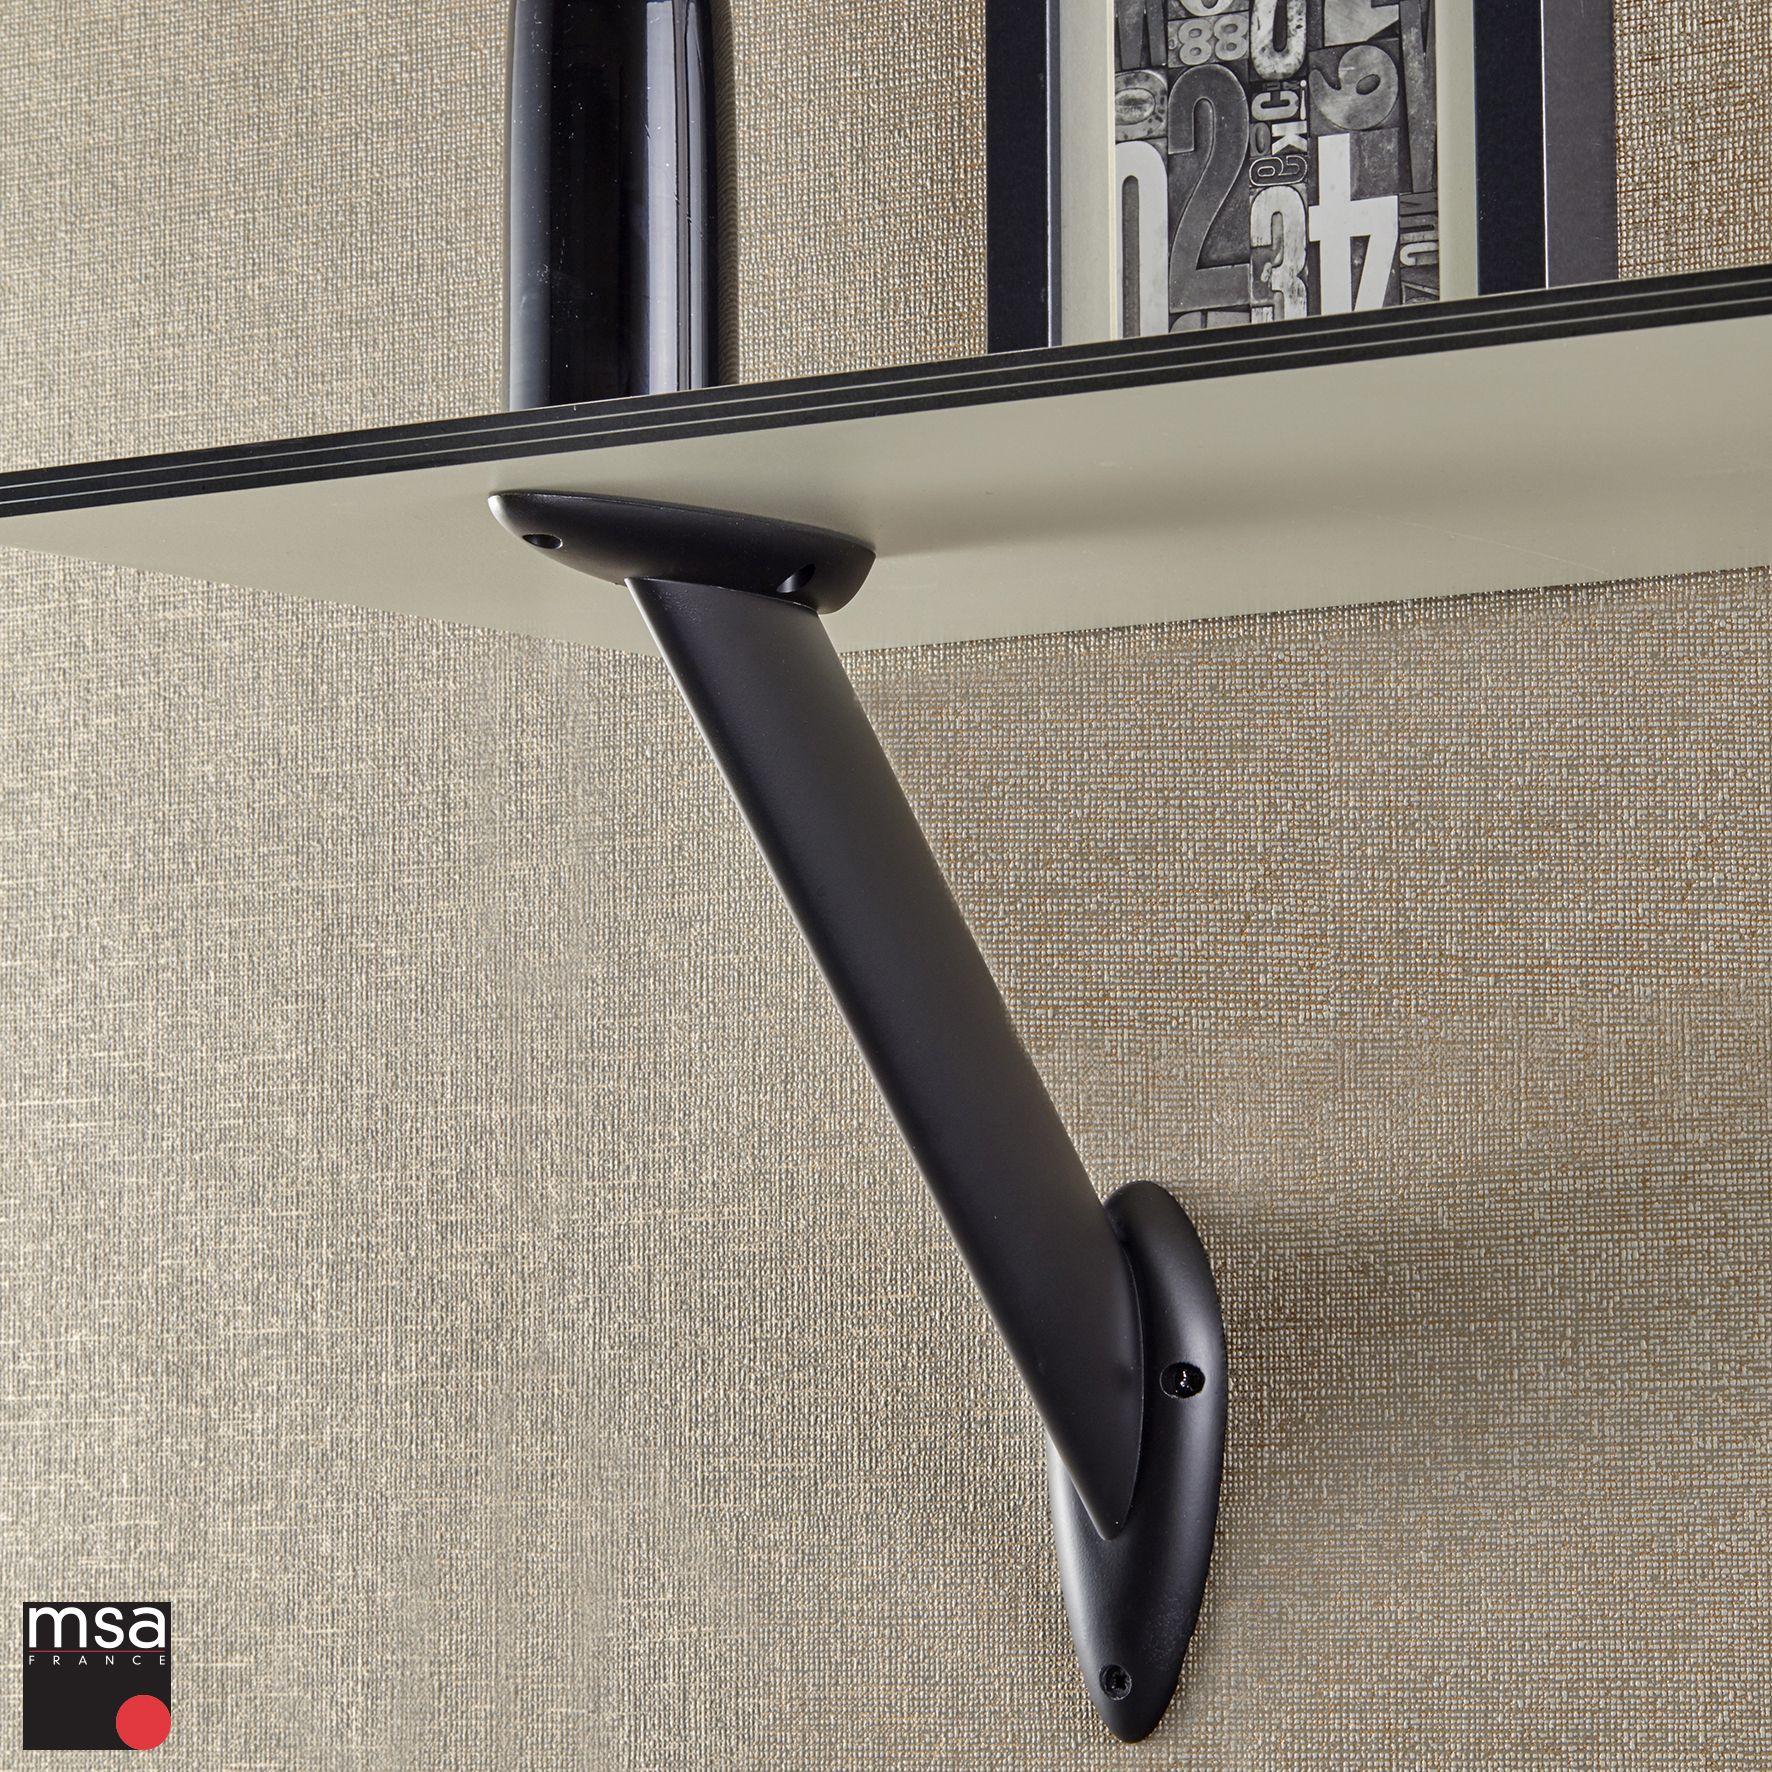 Equerre Murale Vela Avec Profil En Aluminium Ovale Specialement Concu Pour Faciliter Le Nettoyage Equerre Murale Support Mural